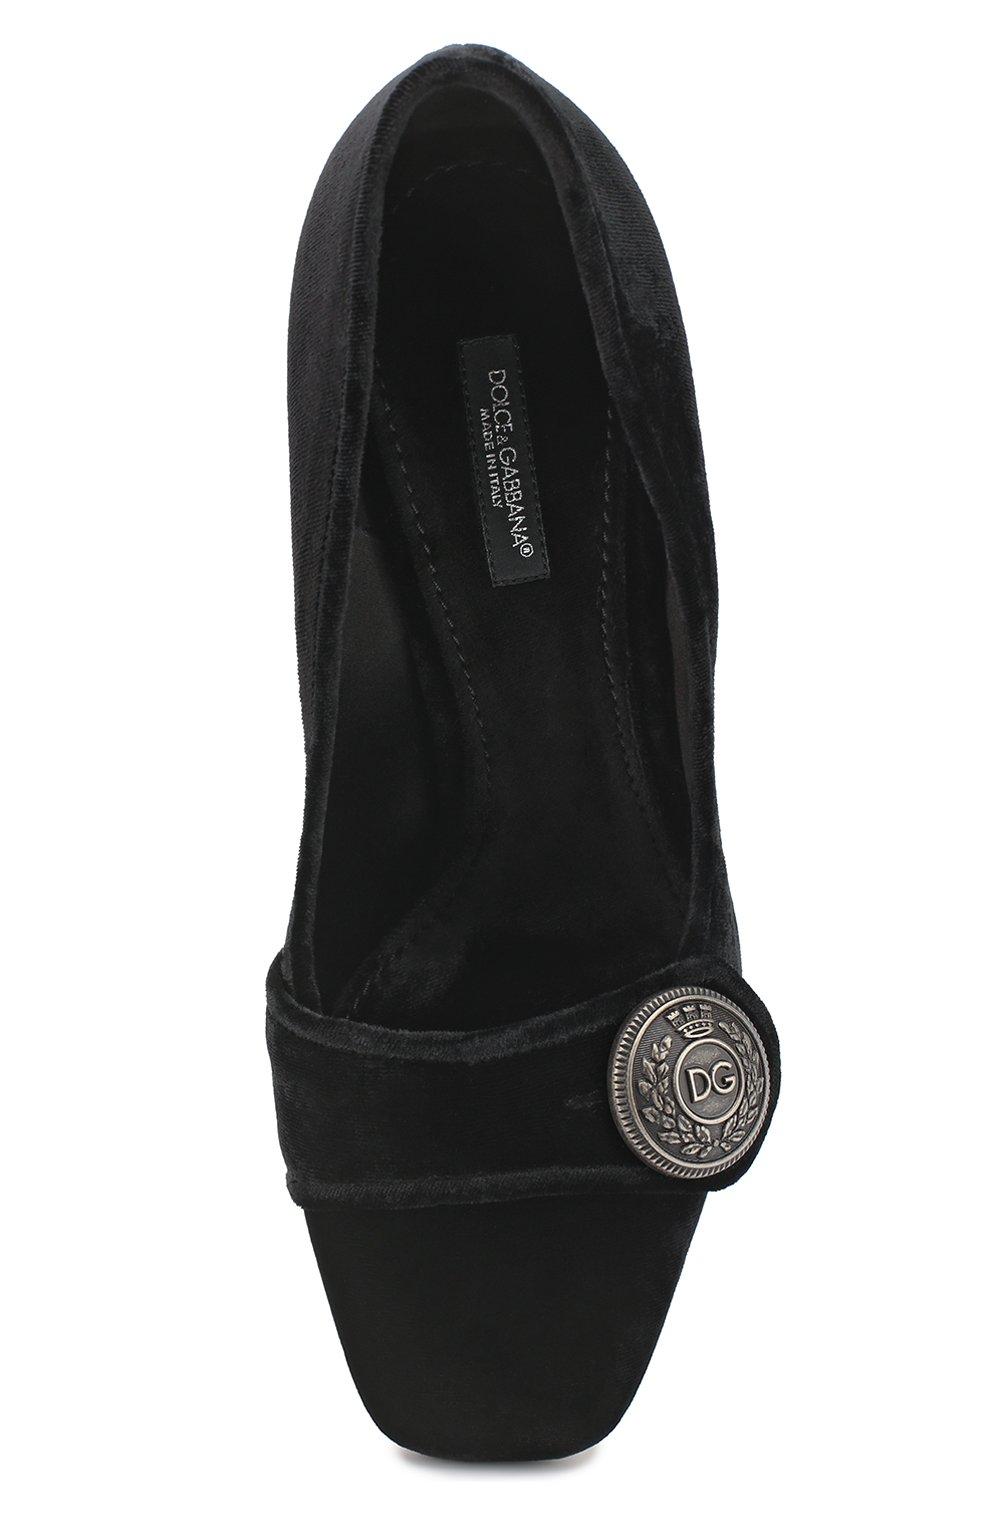 Бархатные туфли Jackie на декорированном каблуке Dolce & Gabbana черные | Фото №5